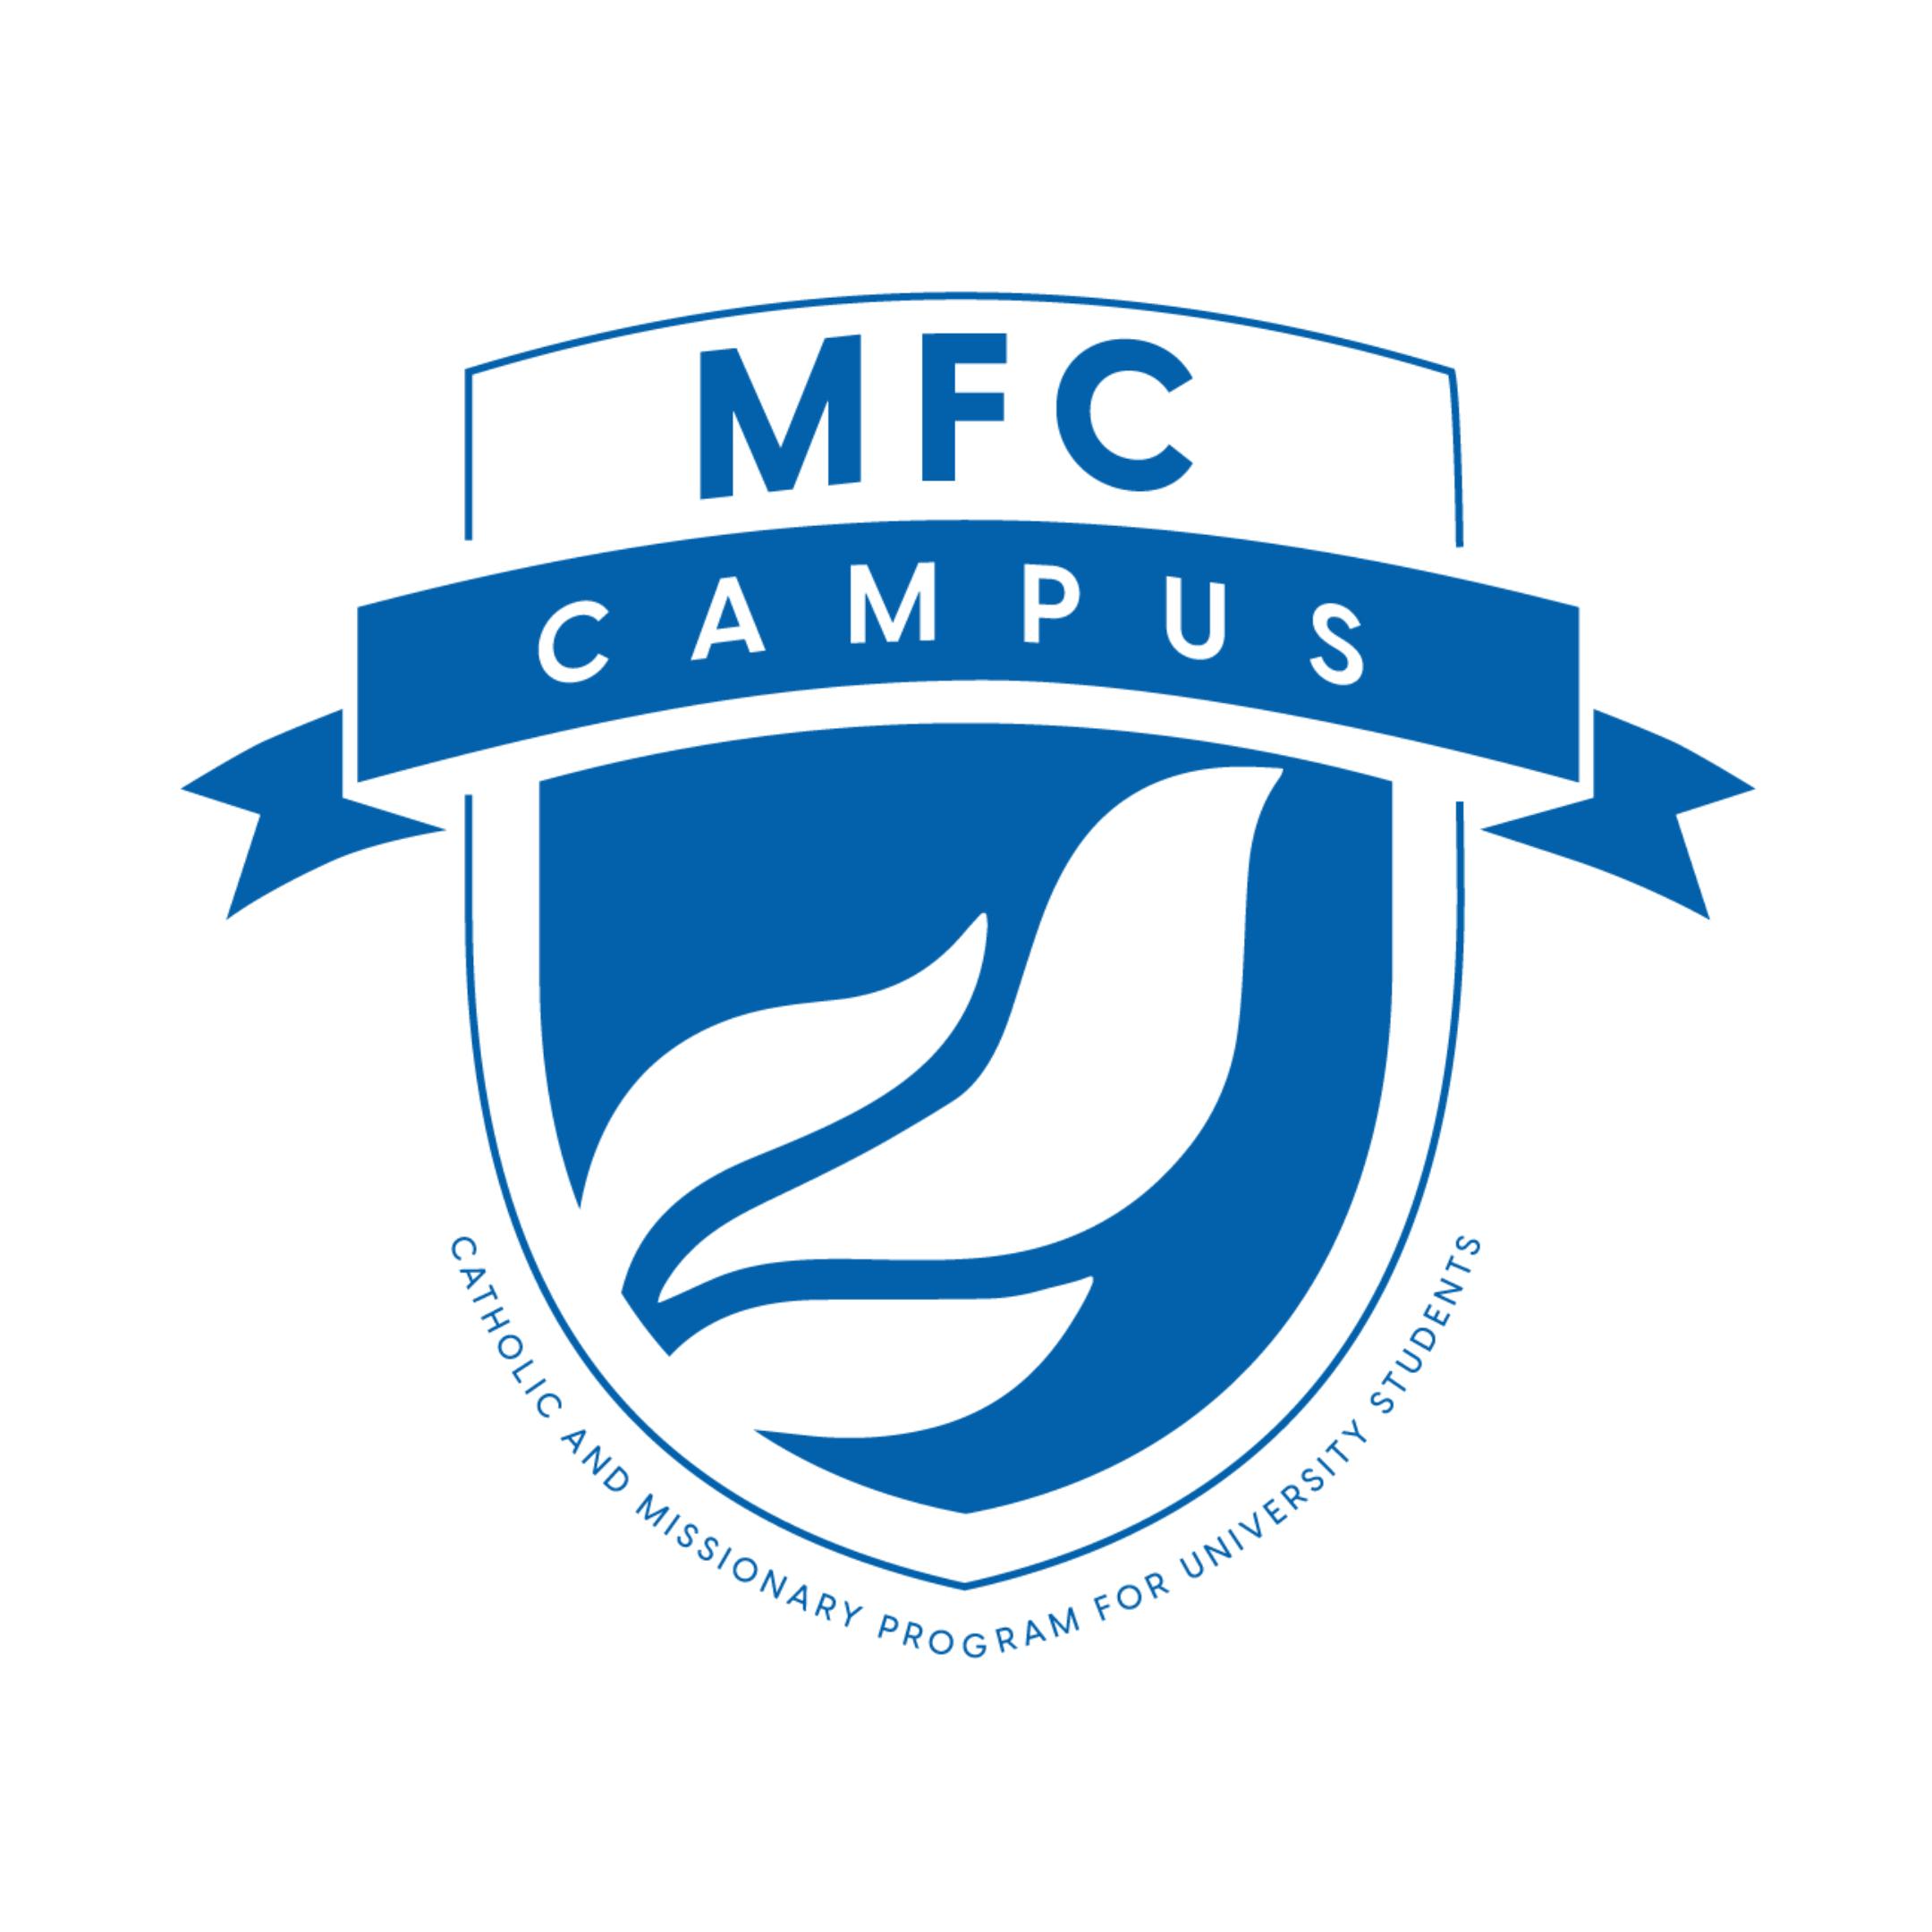 MFC CAMPUS